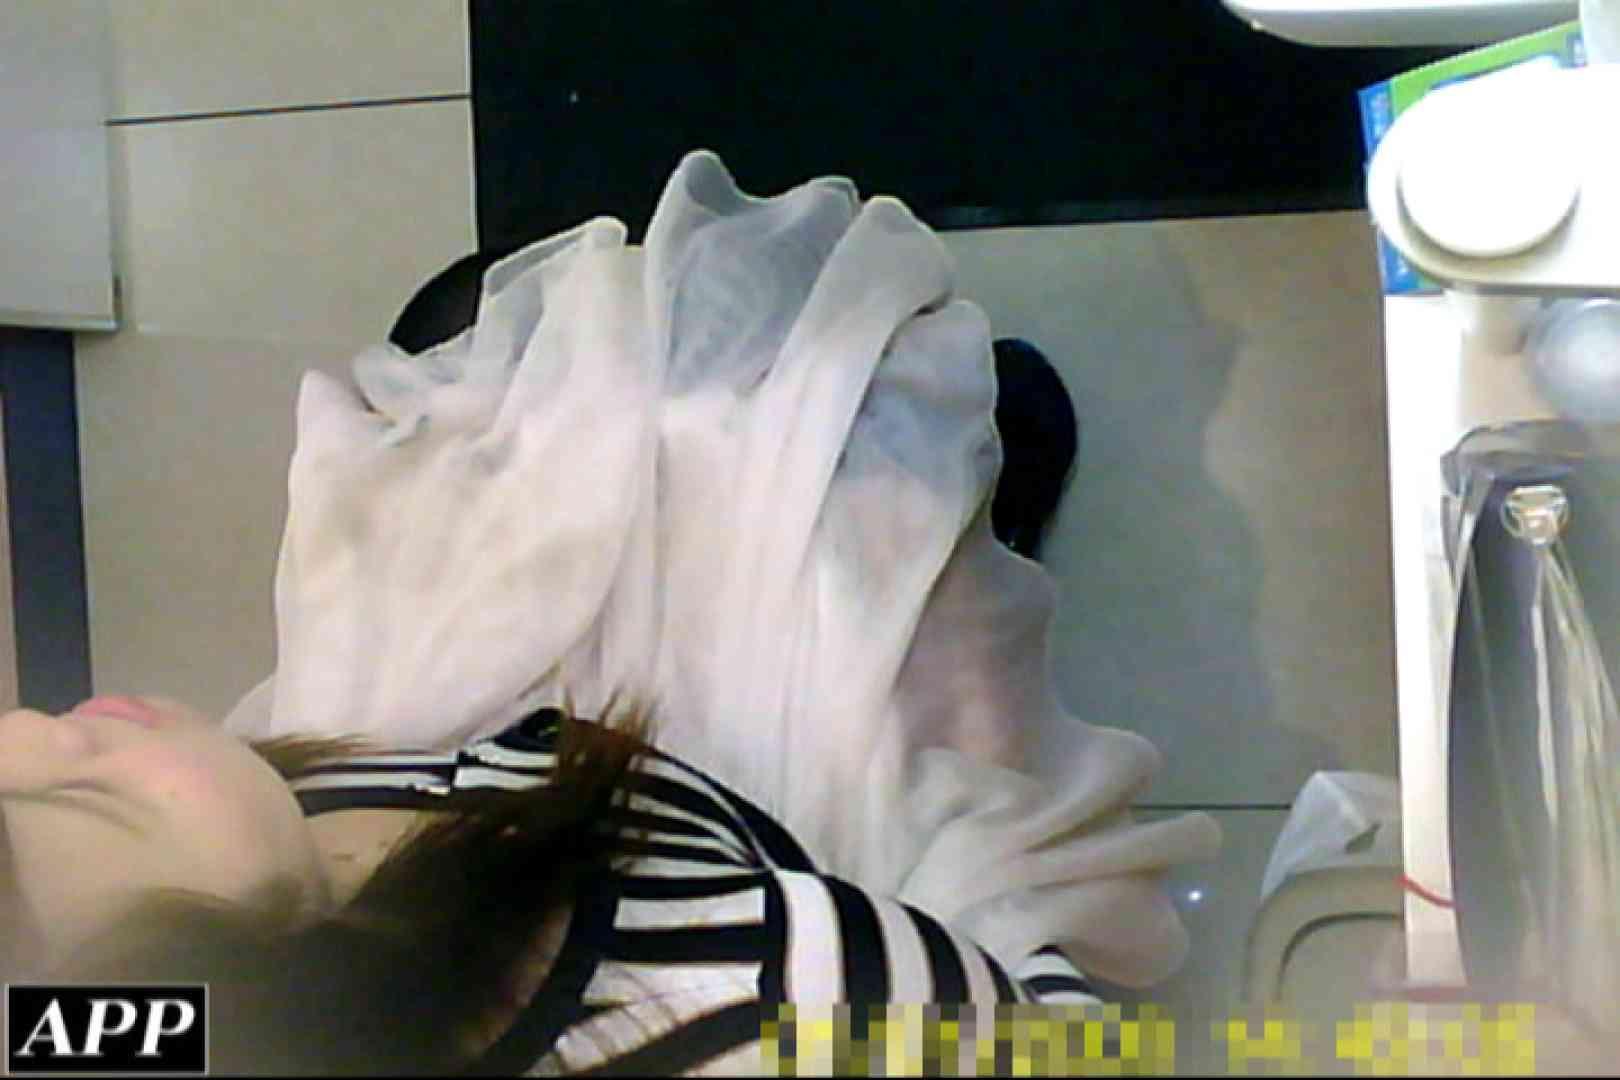 3視点洗面所 vol.96 オマンコ大好き エロ無料画像 89画像 55